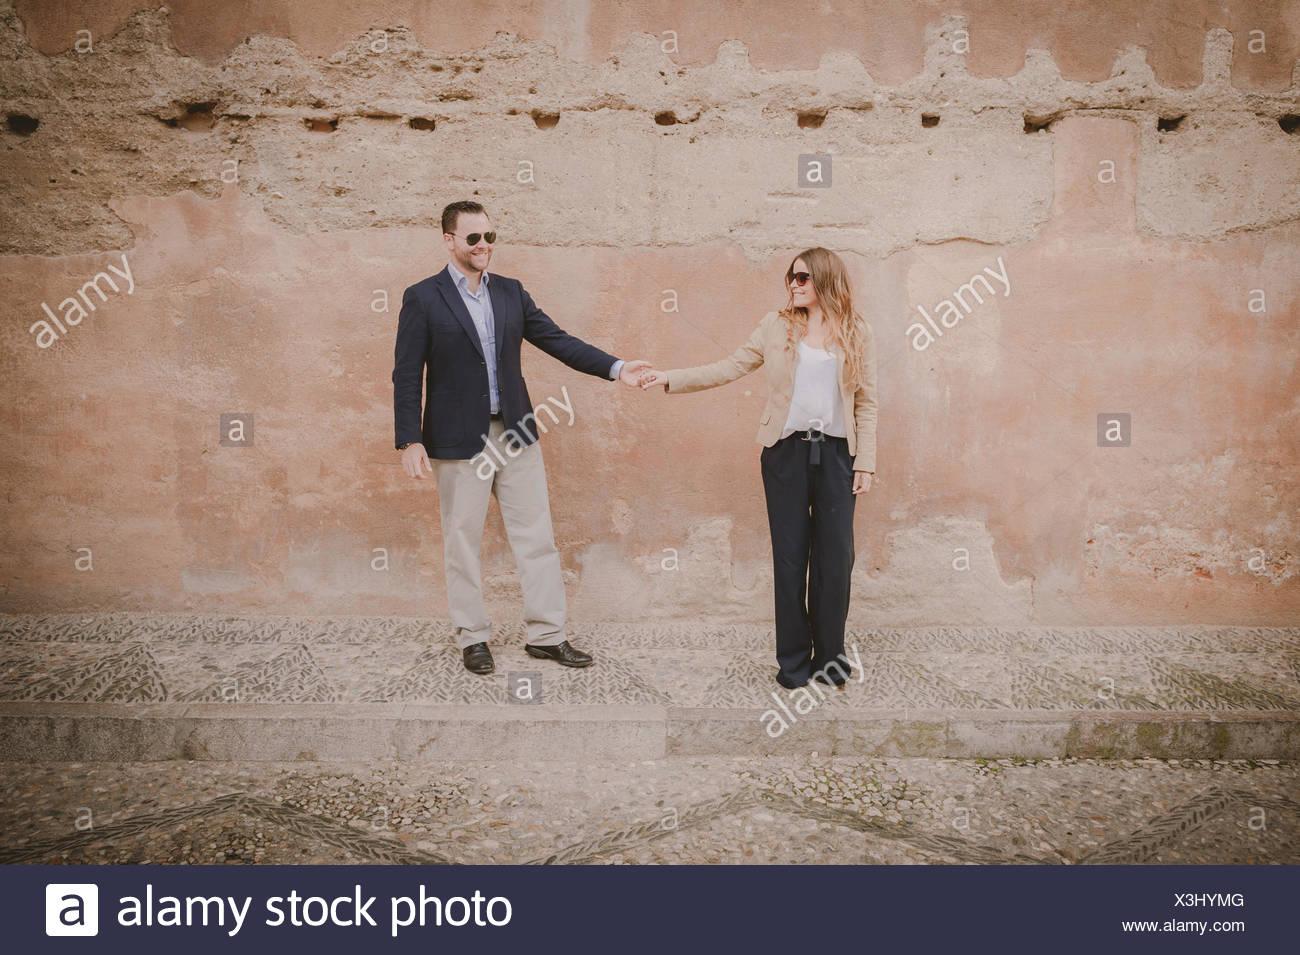 Las manos de la pareja Imagen De Stock